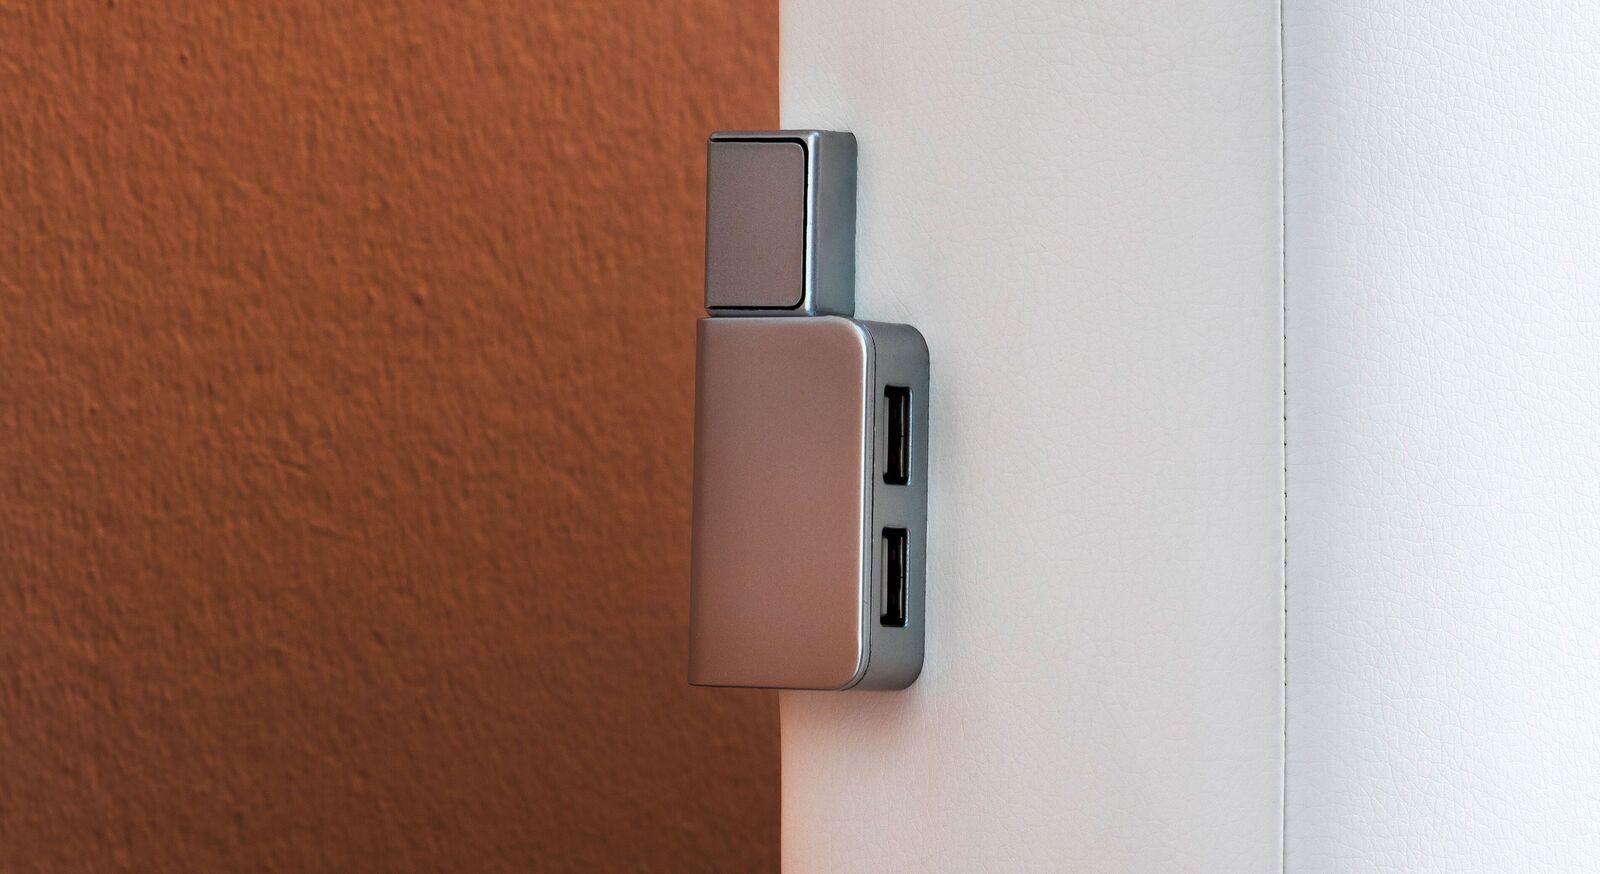 Bettkasten-Boxspringbett Iniko mit Lichtschalter und USB-Anschlüssen